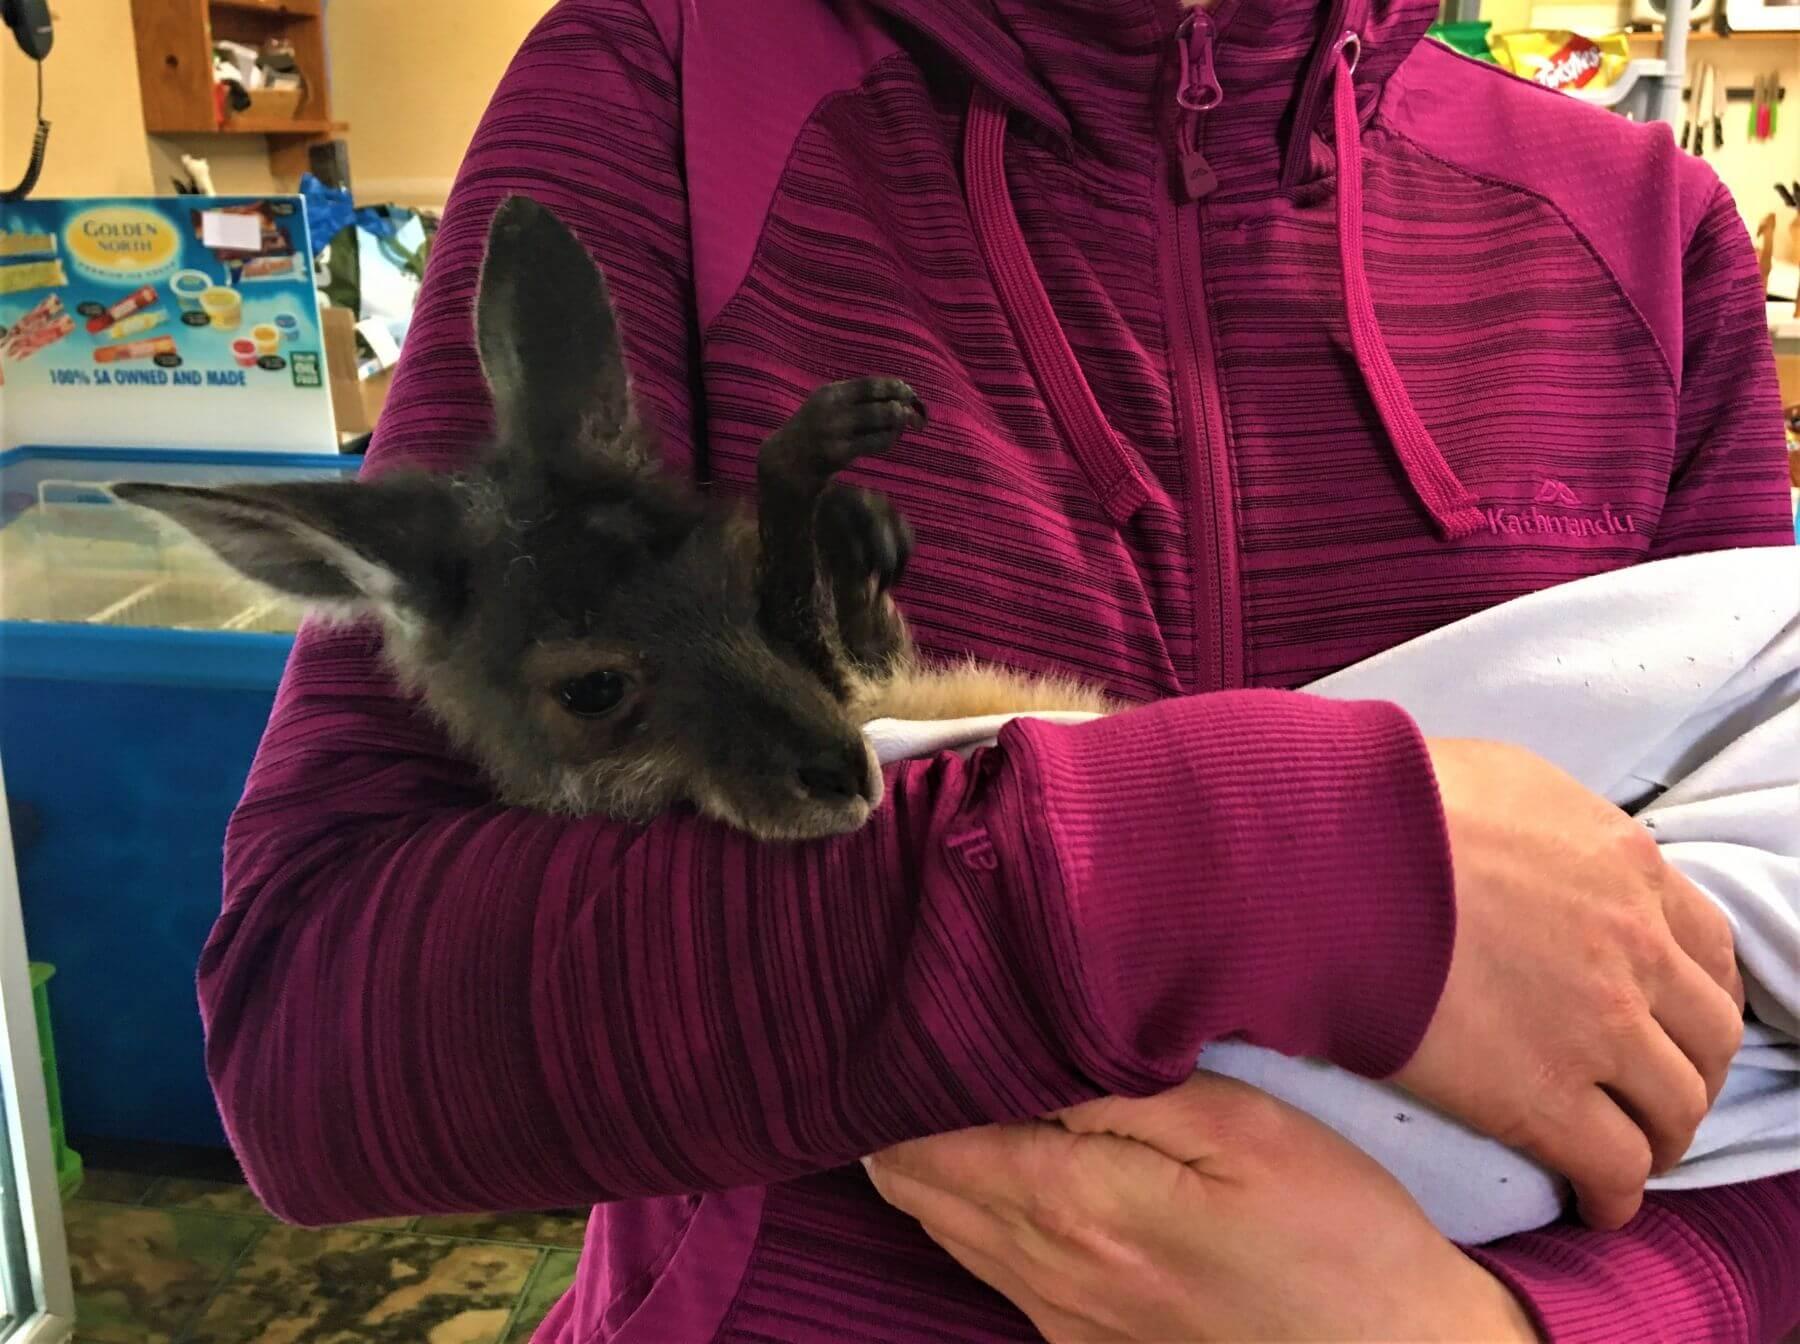 Känguru Baby auf dem Arm halten in Australien